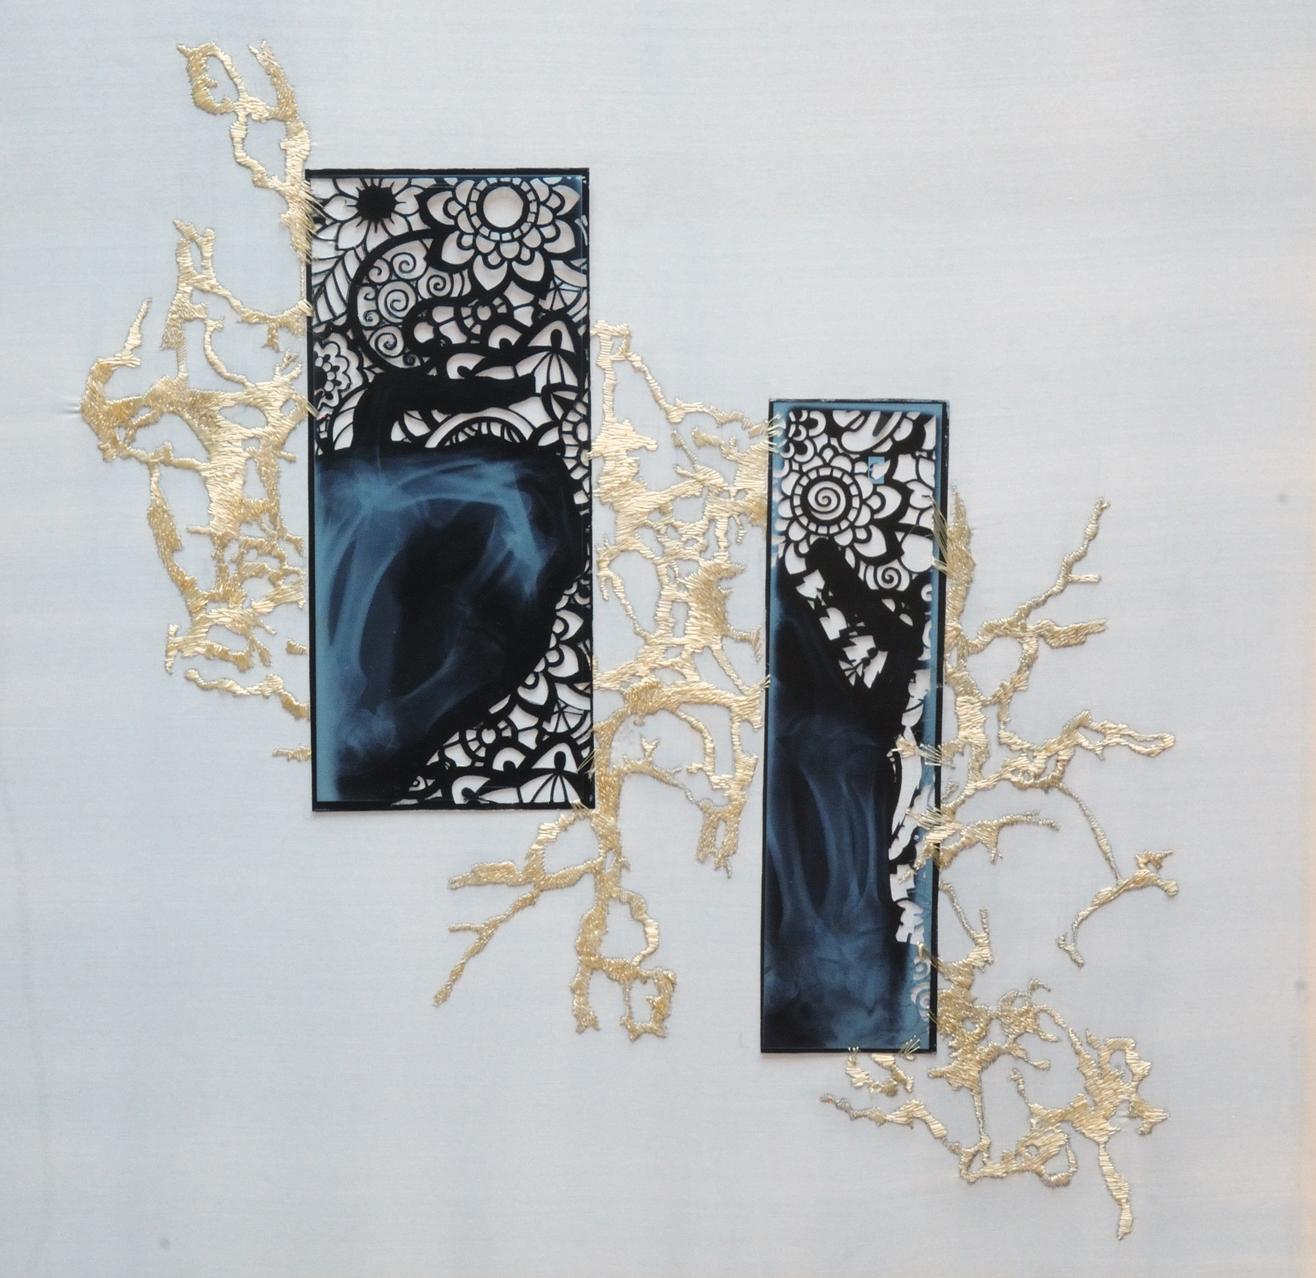 Laure-Joyeux-artiste-Radiofilographie-Radiographie-brodées-Broderie-Sans-contact-Bordeaux-France-